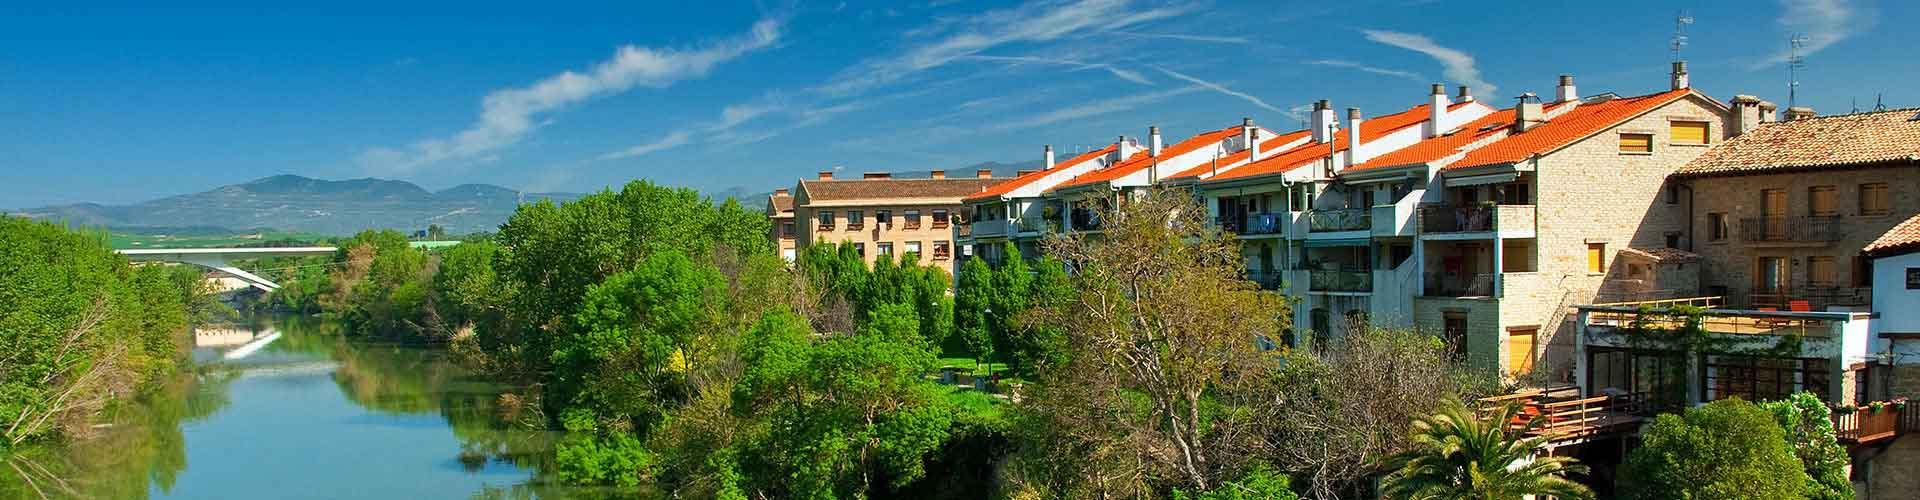 Pamplona - Hoteles baratos en Pamplona. Mapas de Pamplona, Fotos y comentarios de cada Hotel en Pamplona.